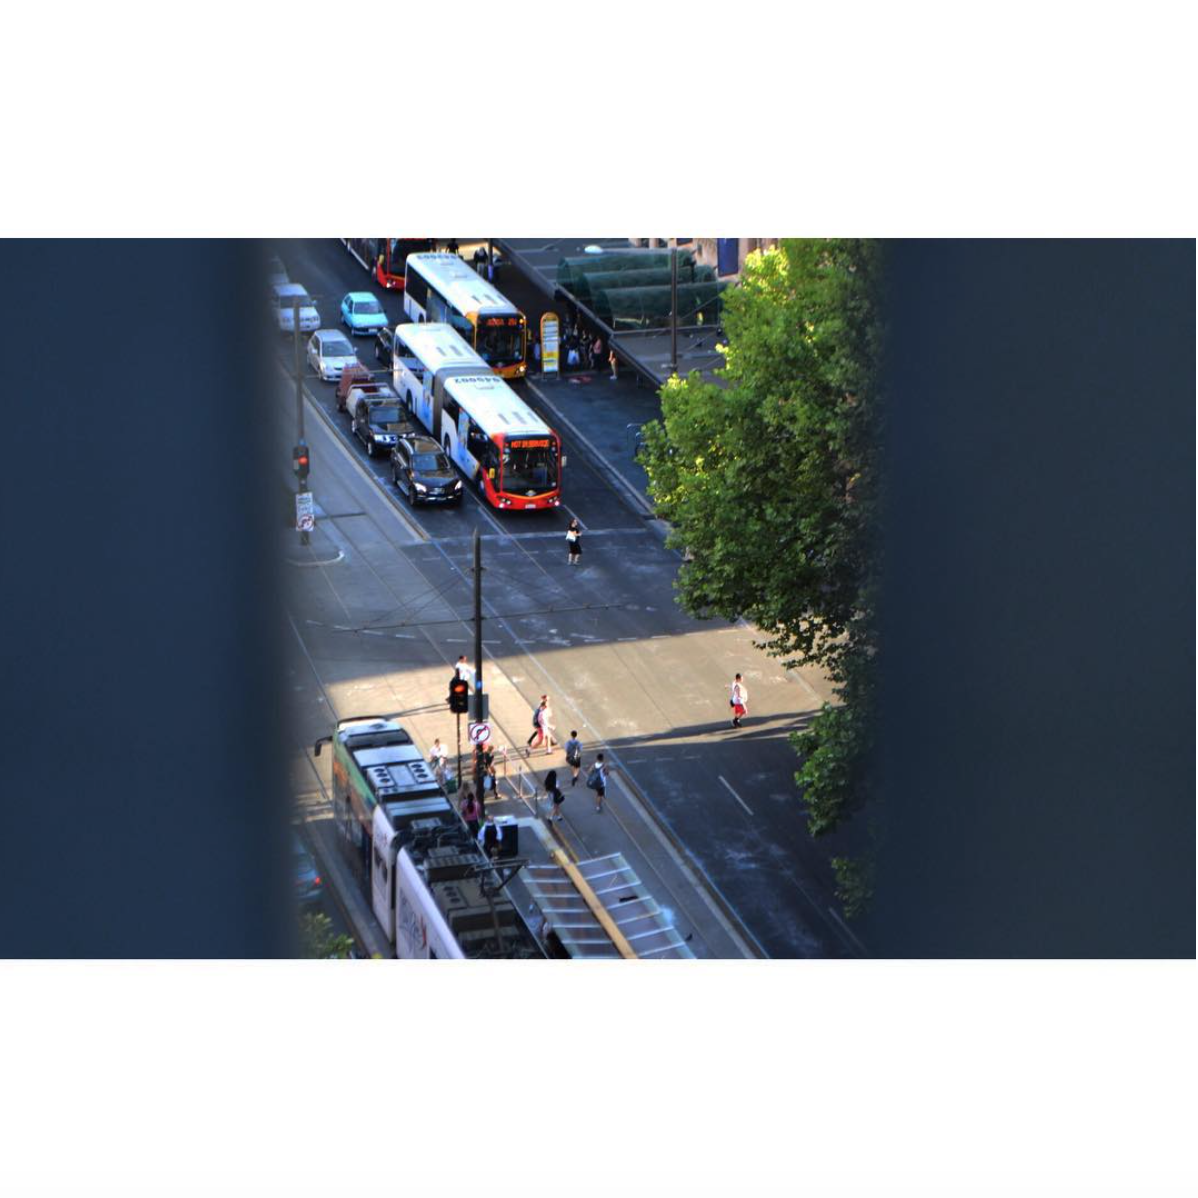 Screen Shot 2015-12-07 at 9.34.52 am.png